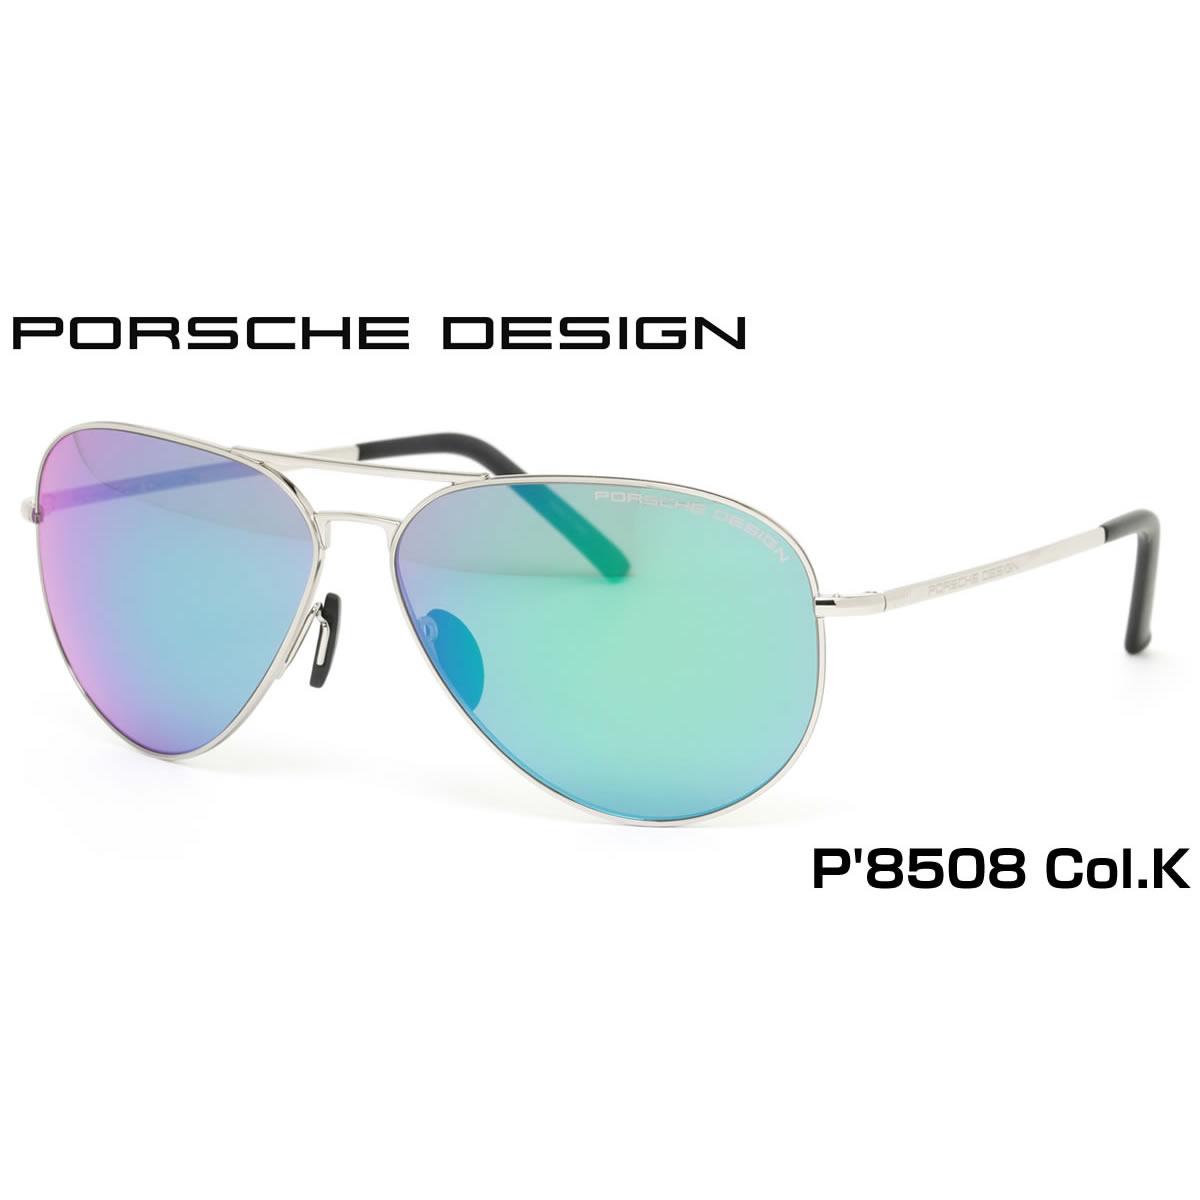 Porsche Design P8508 K VCBtnTvYH